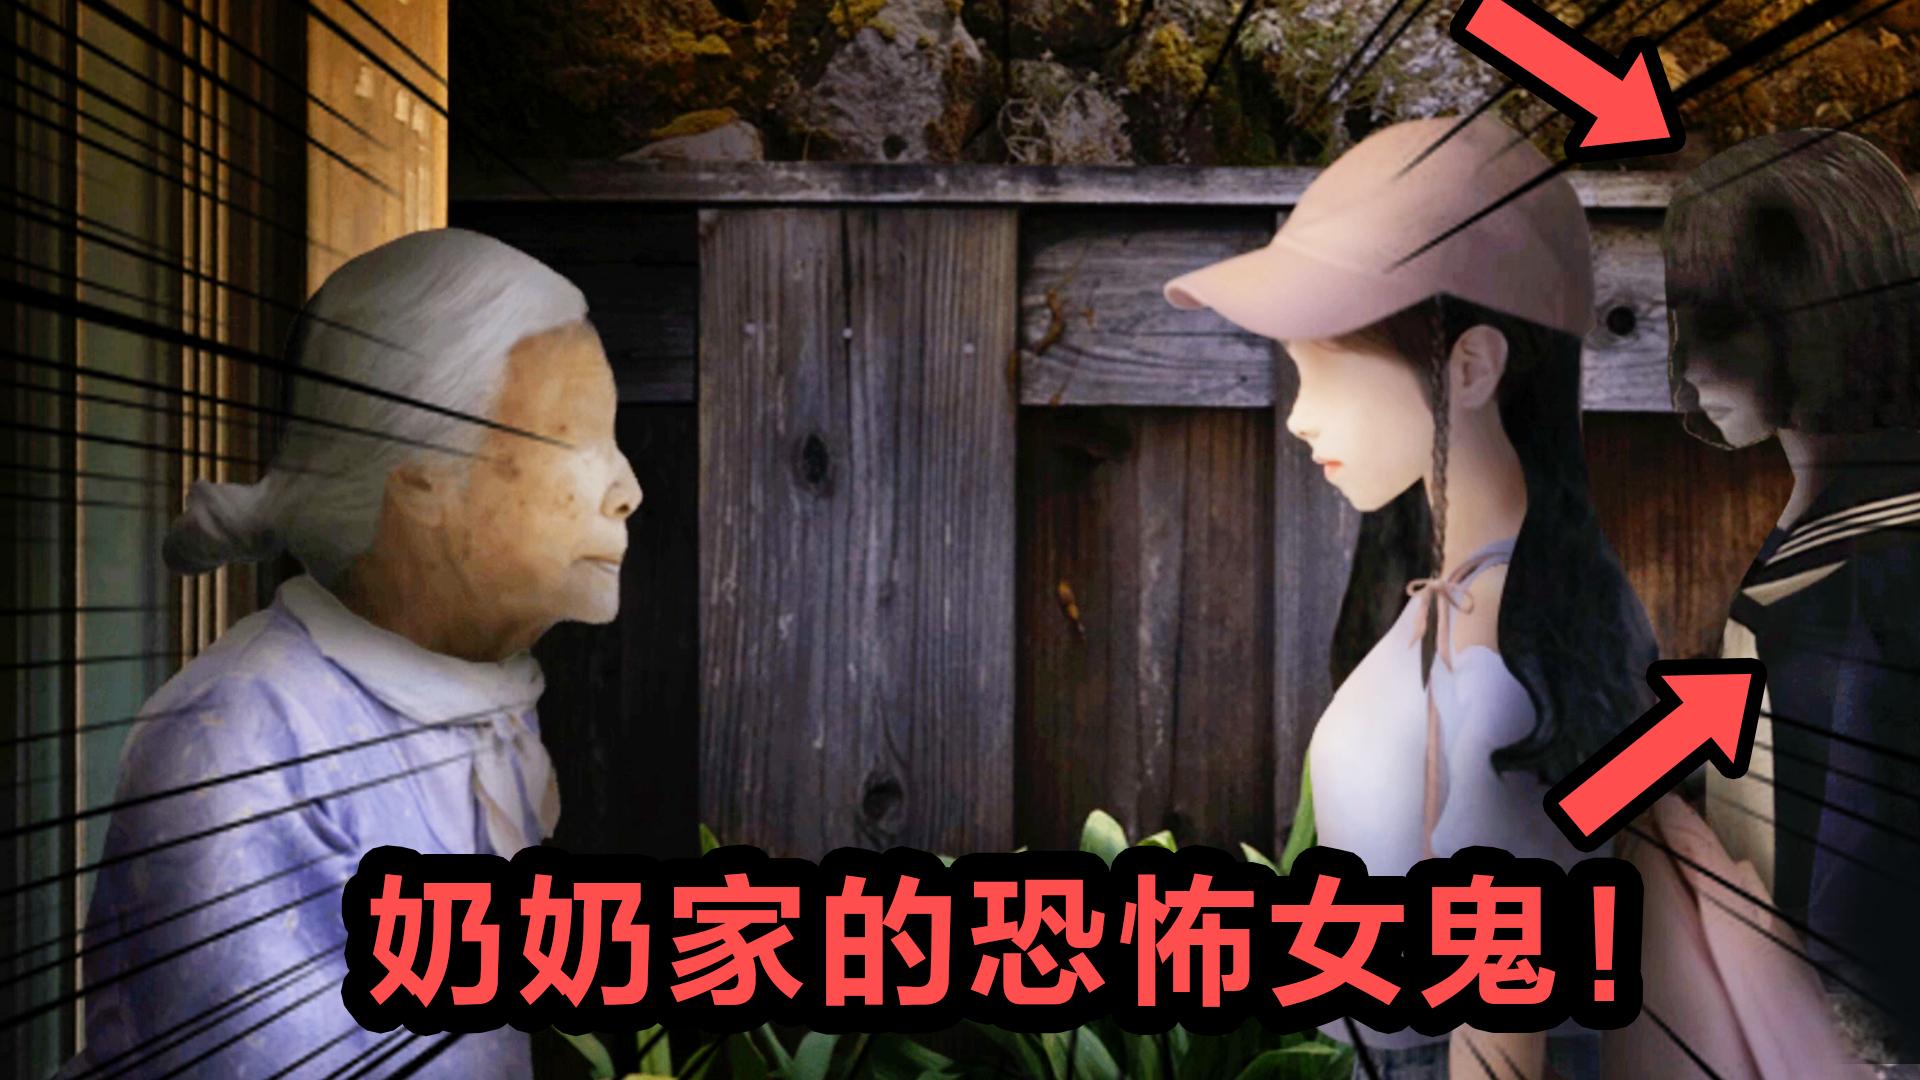 女孩来到乡下的奶奶家度假,却每日都在恐惧中度过!|日式恐怖游戏《翌日》系列之《昭和年间的呼唤》